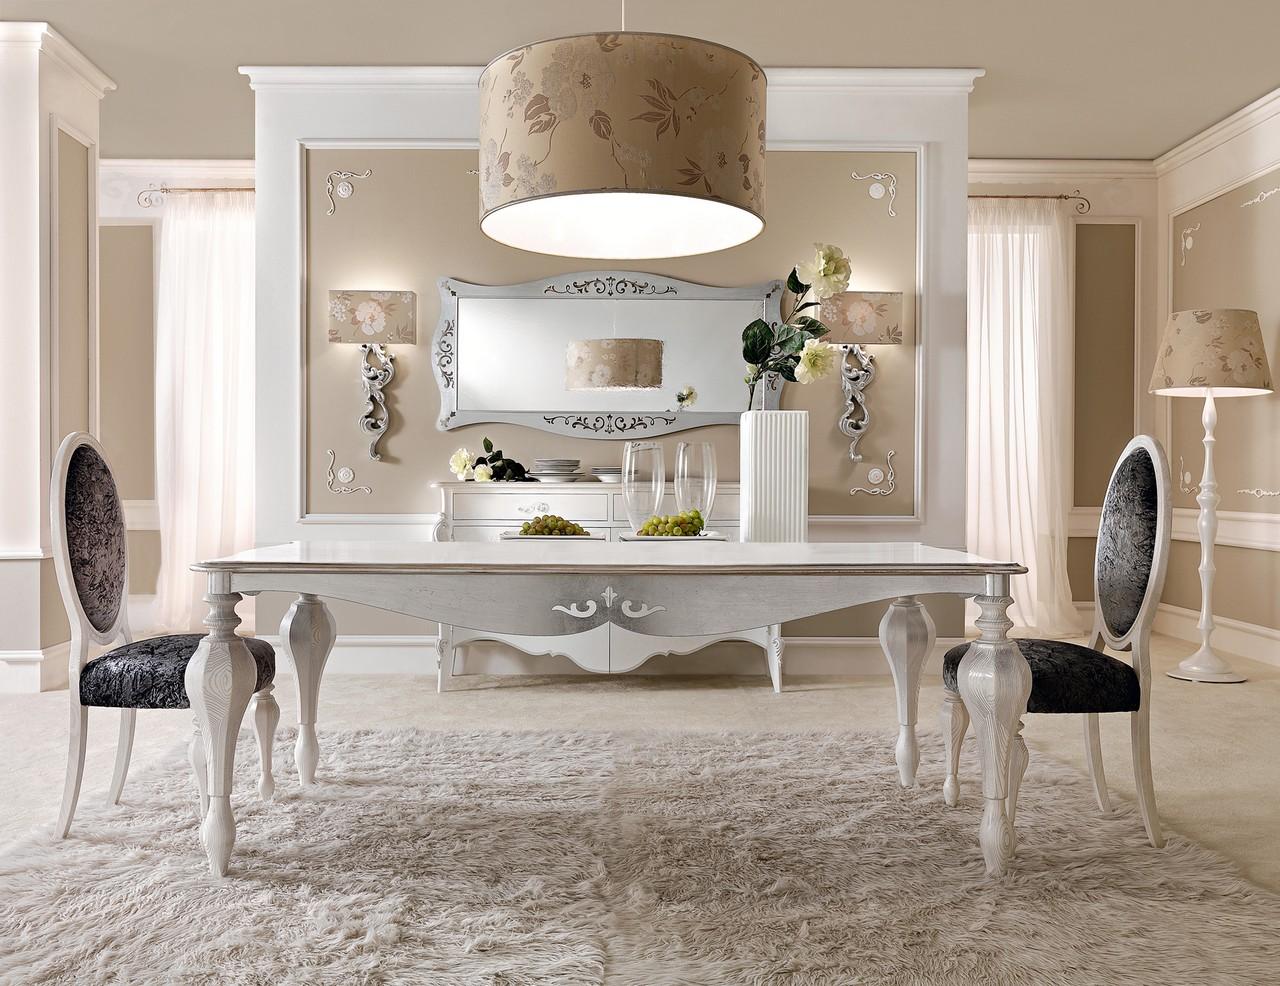 gotha italian luxury stylescenario